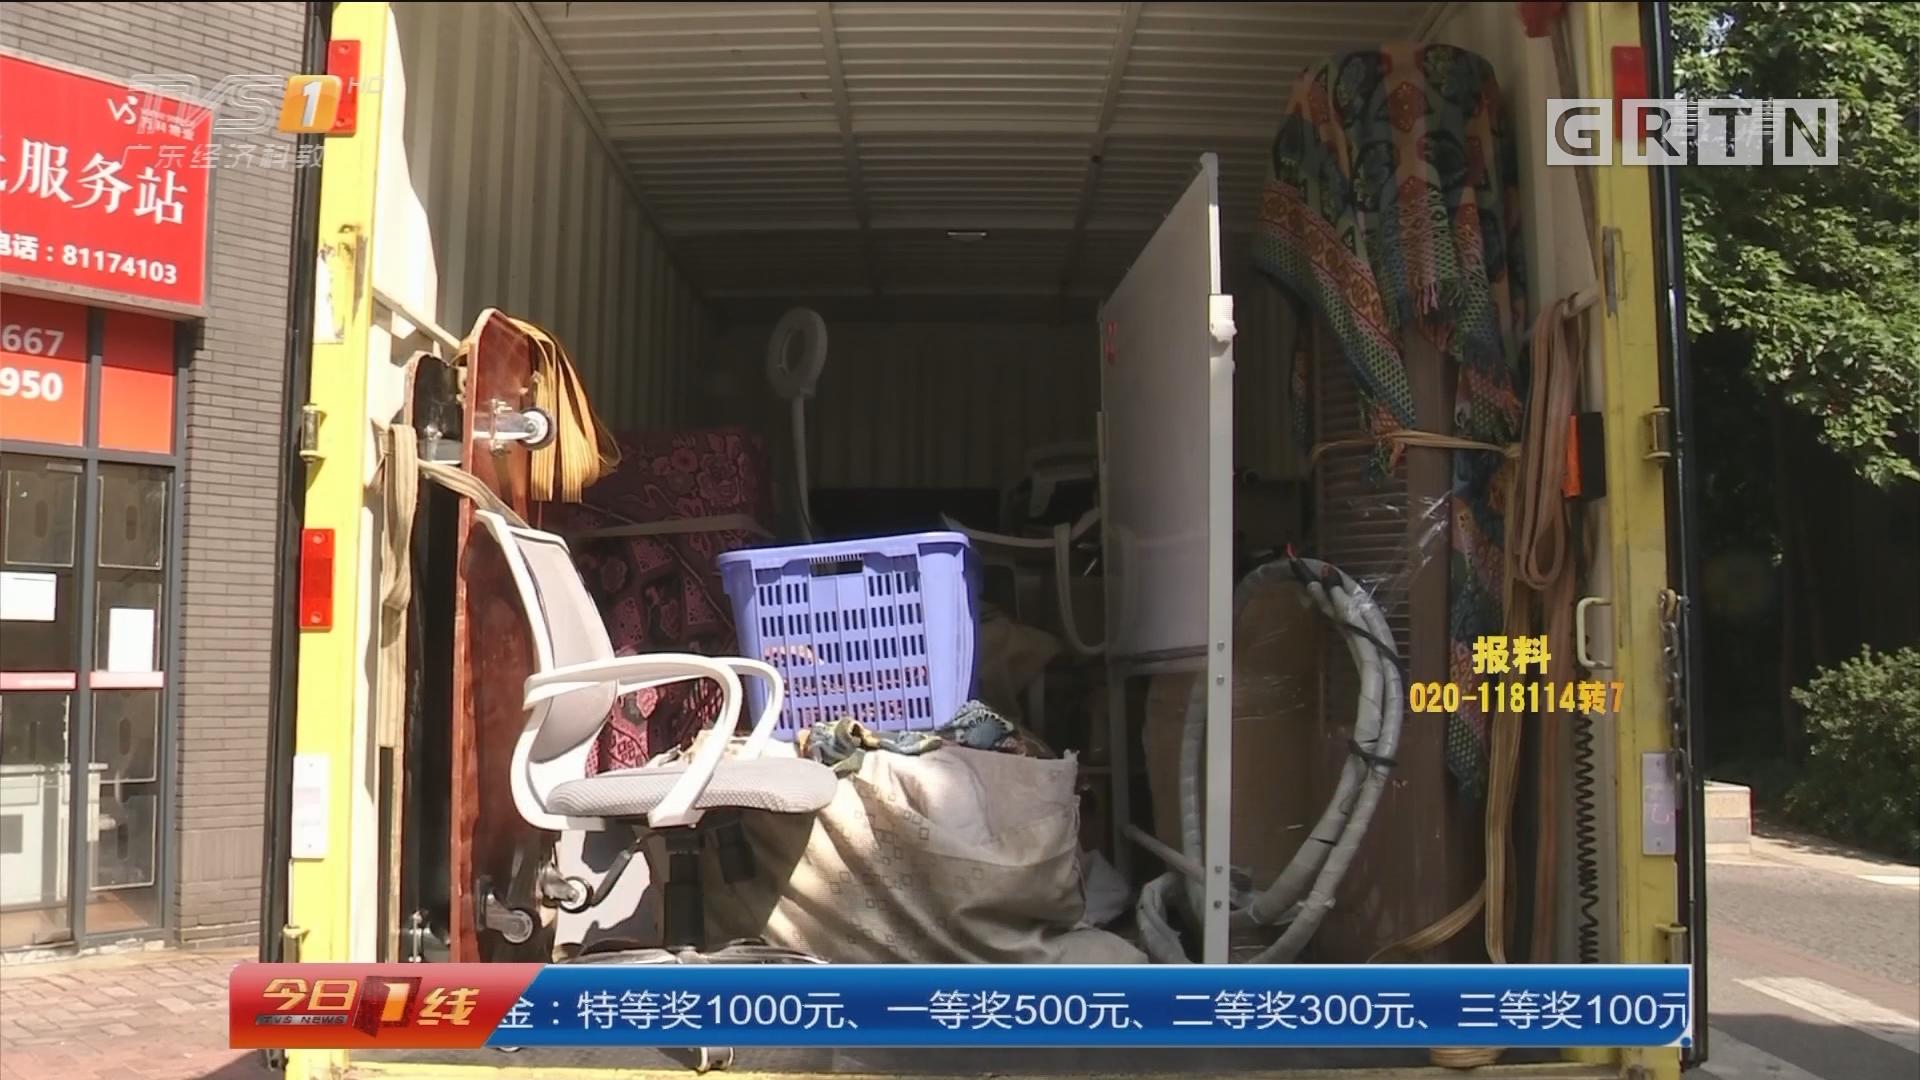 广州:搬家半路坐地起价 投诉方知是山寨